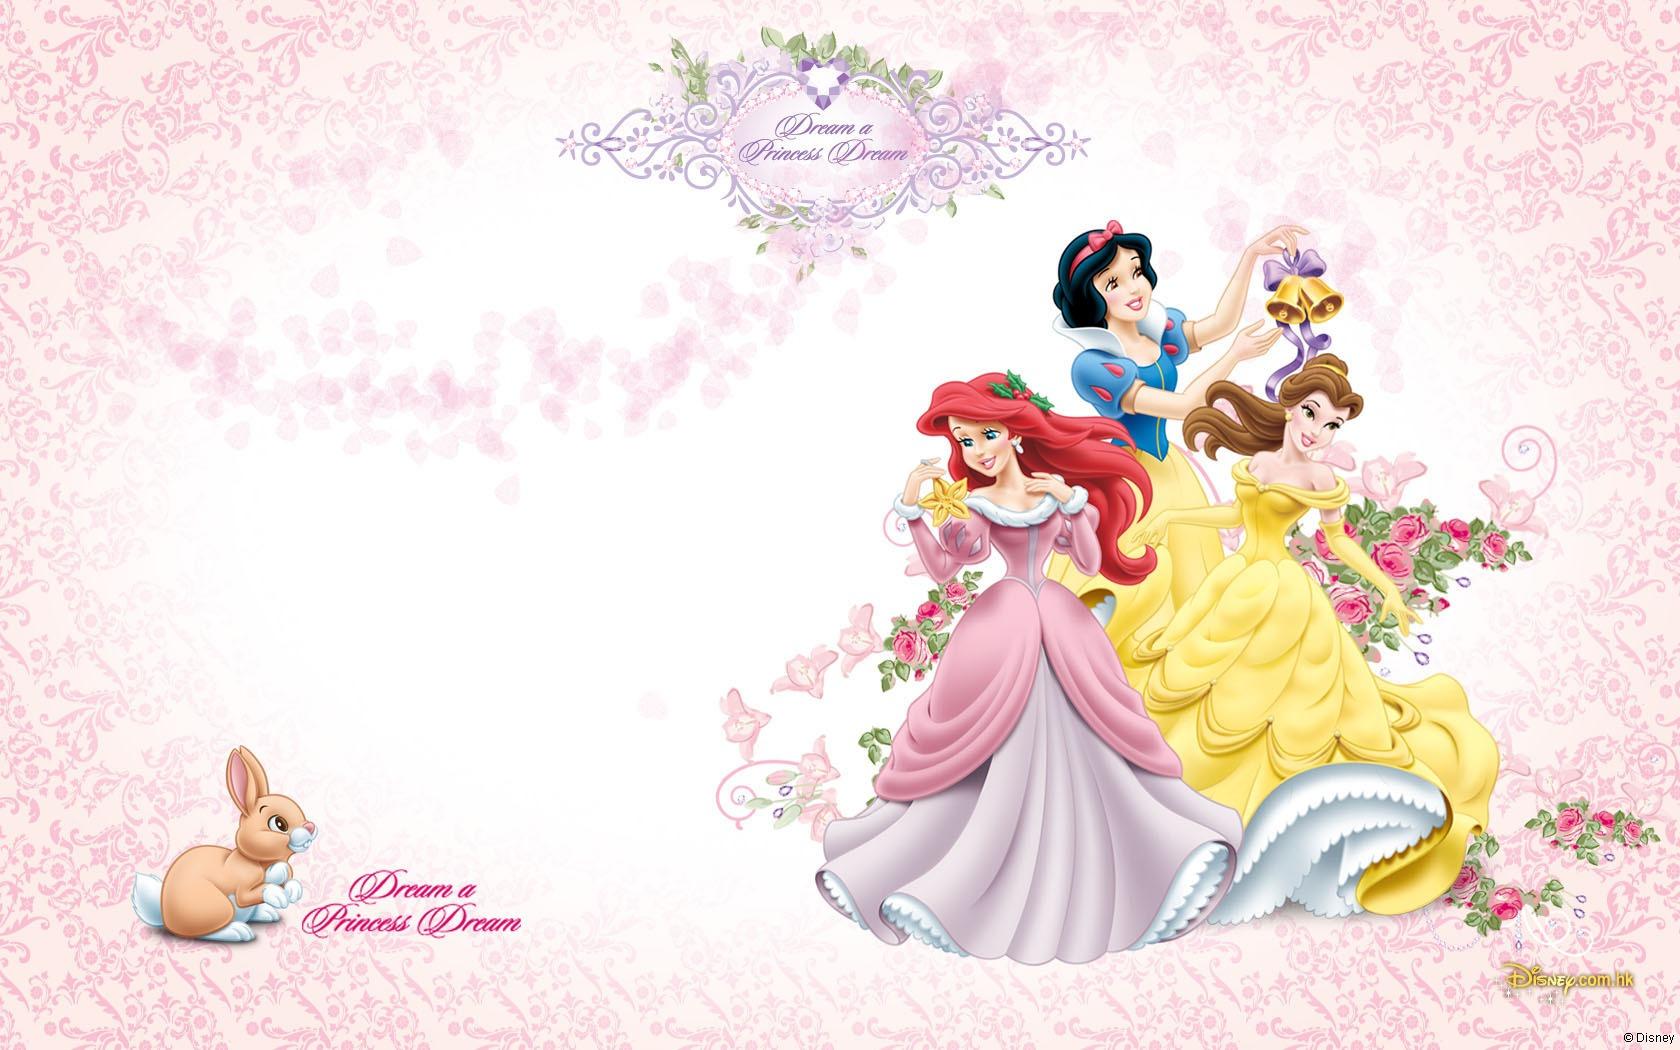 Disney Princess images Disney Princess wallpaper photos 1680x1050